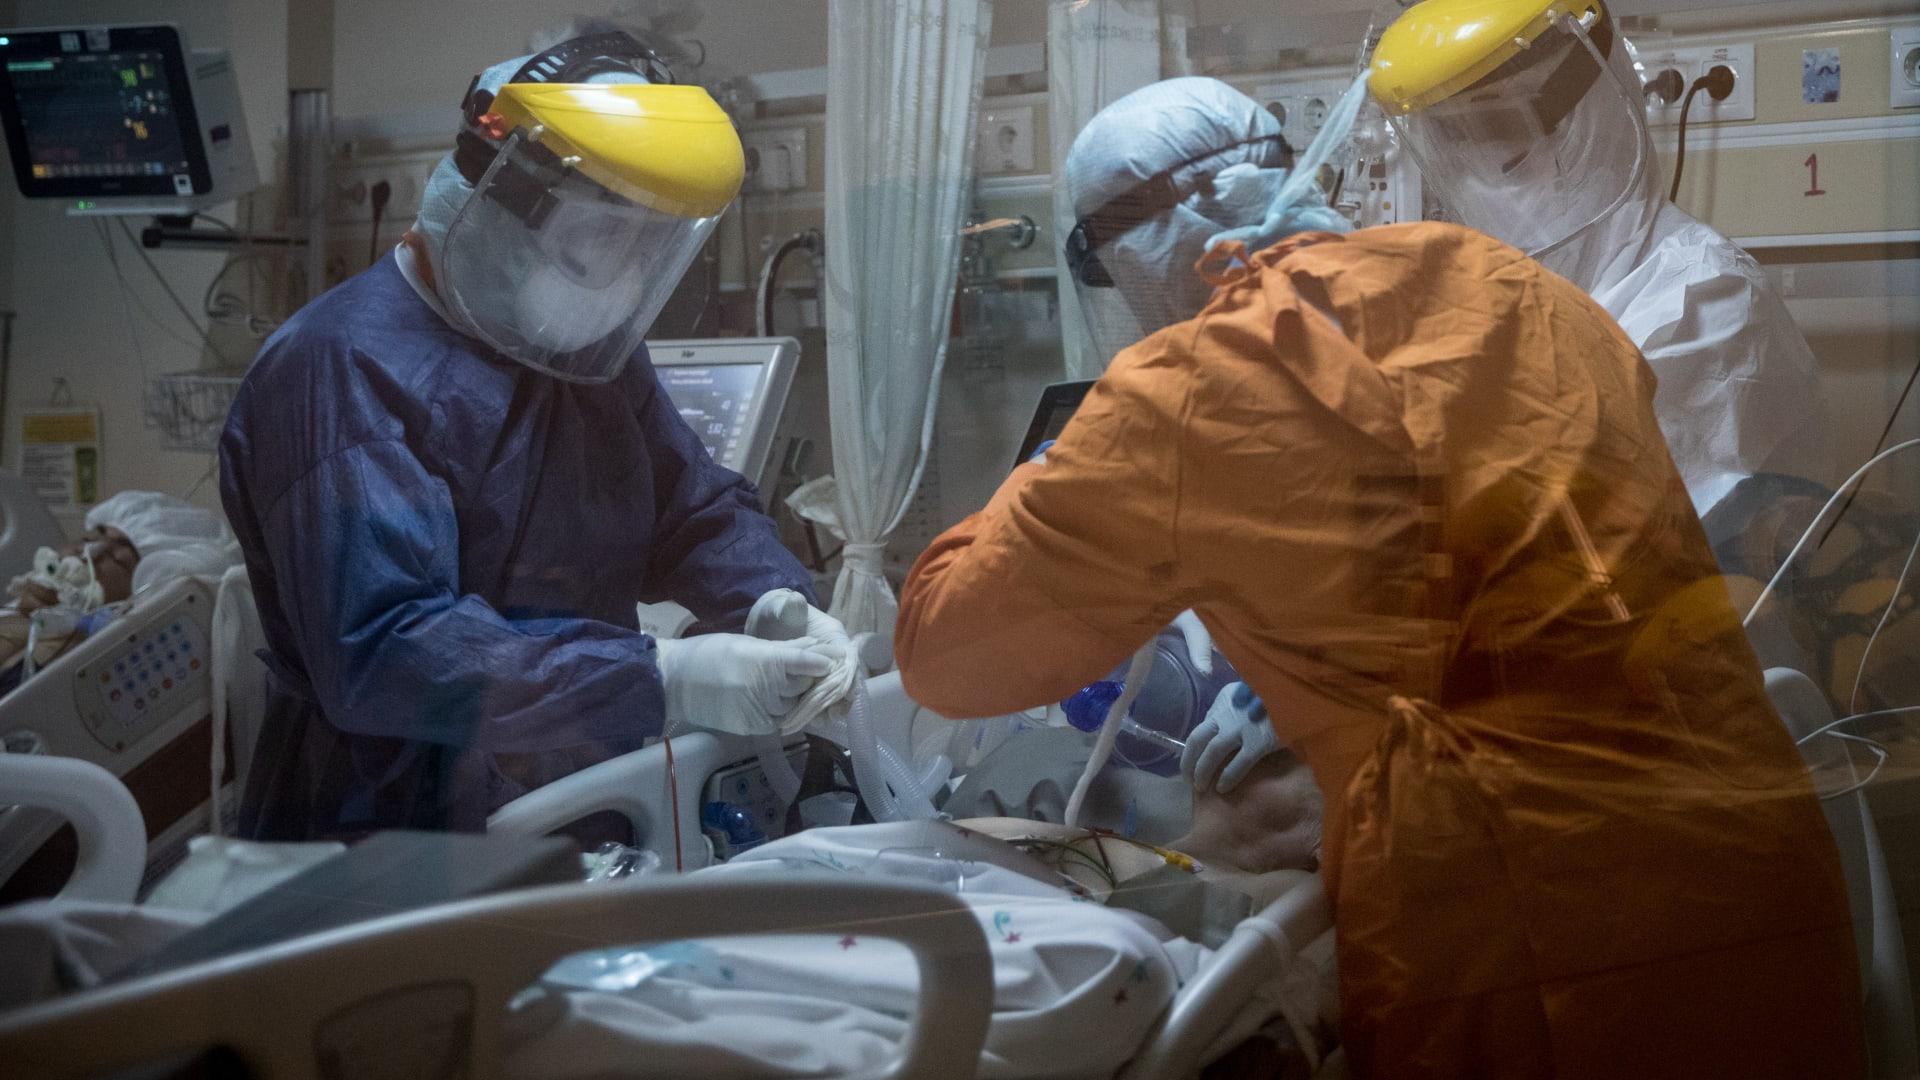 """طبيب يوضح تشابه مرض """"كاواساكي"""" لدى الأطفال مع """"كوفيد-19"""""""